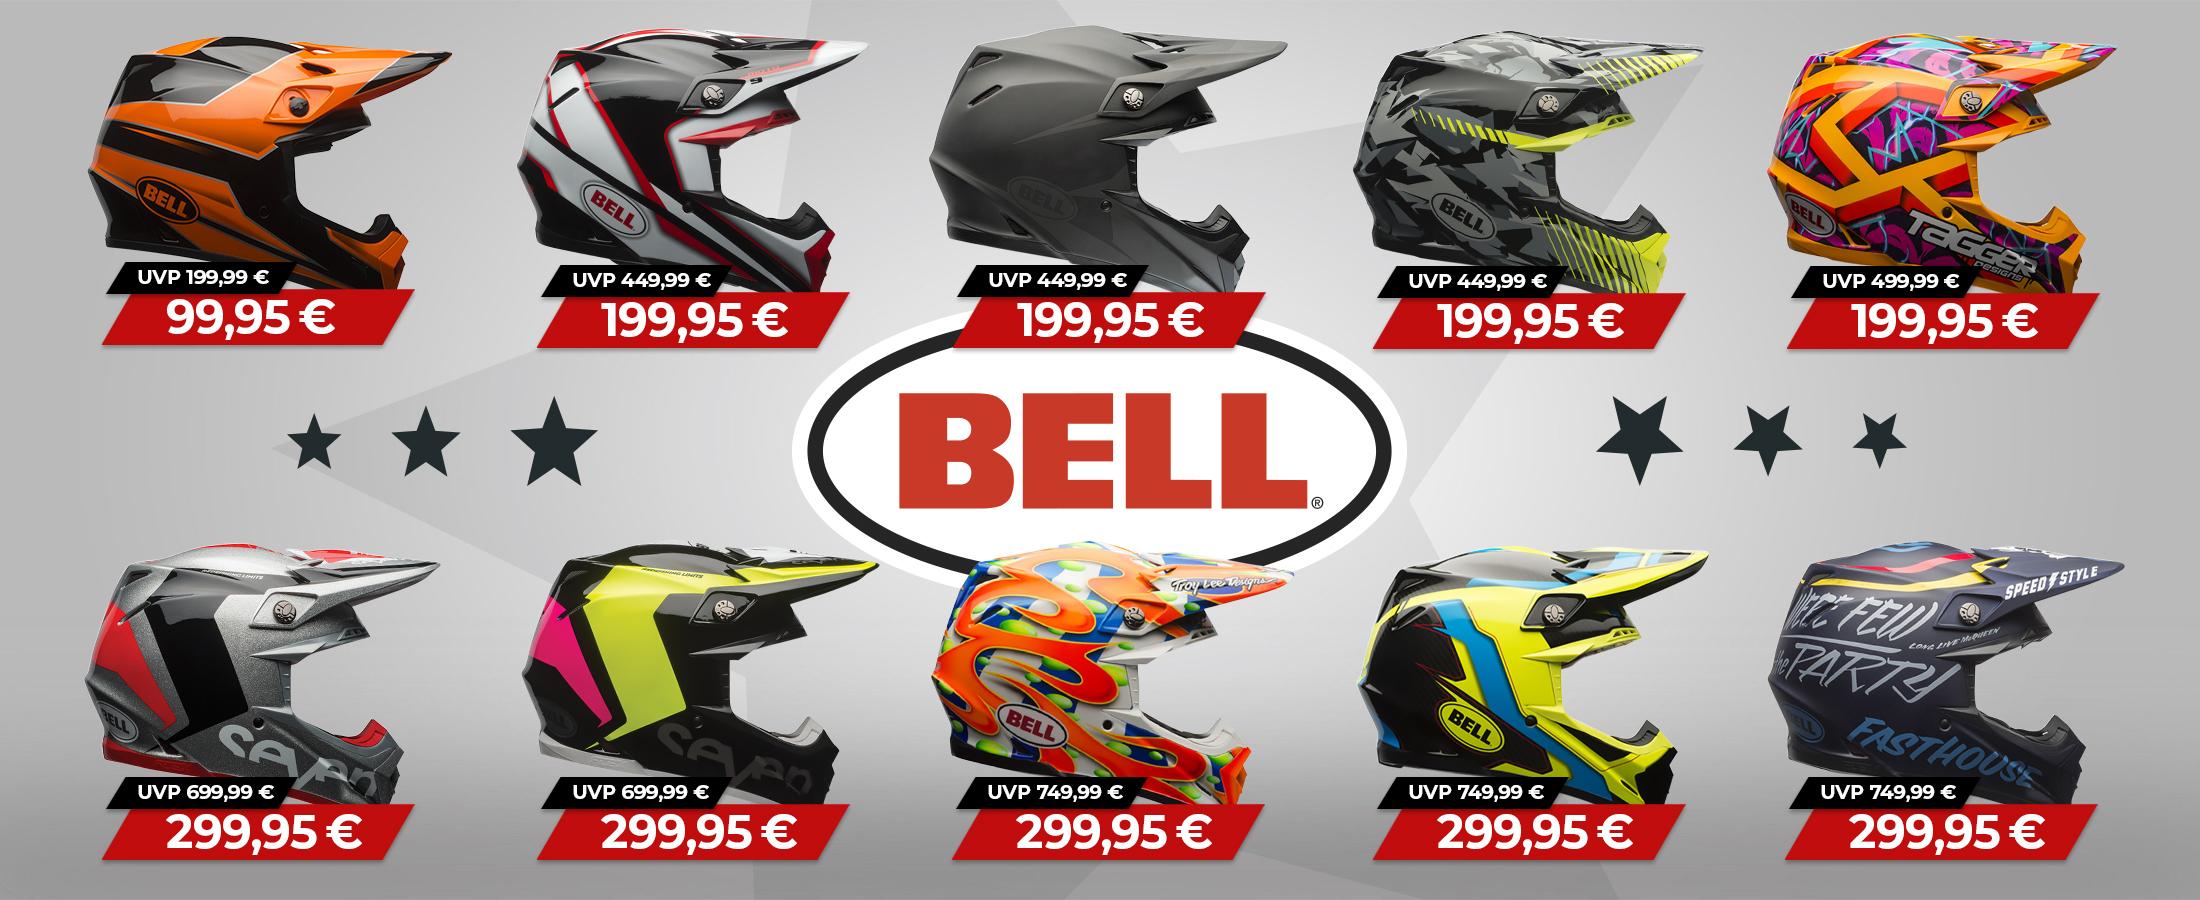 Bell Helme extrem reduziert